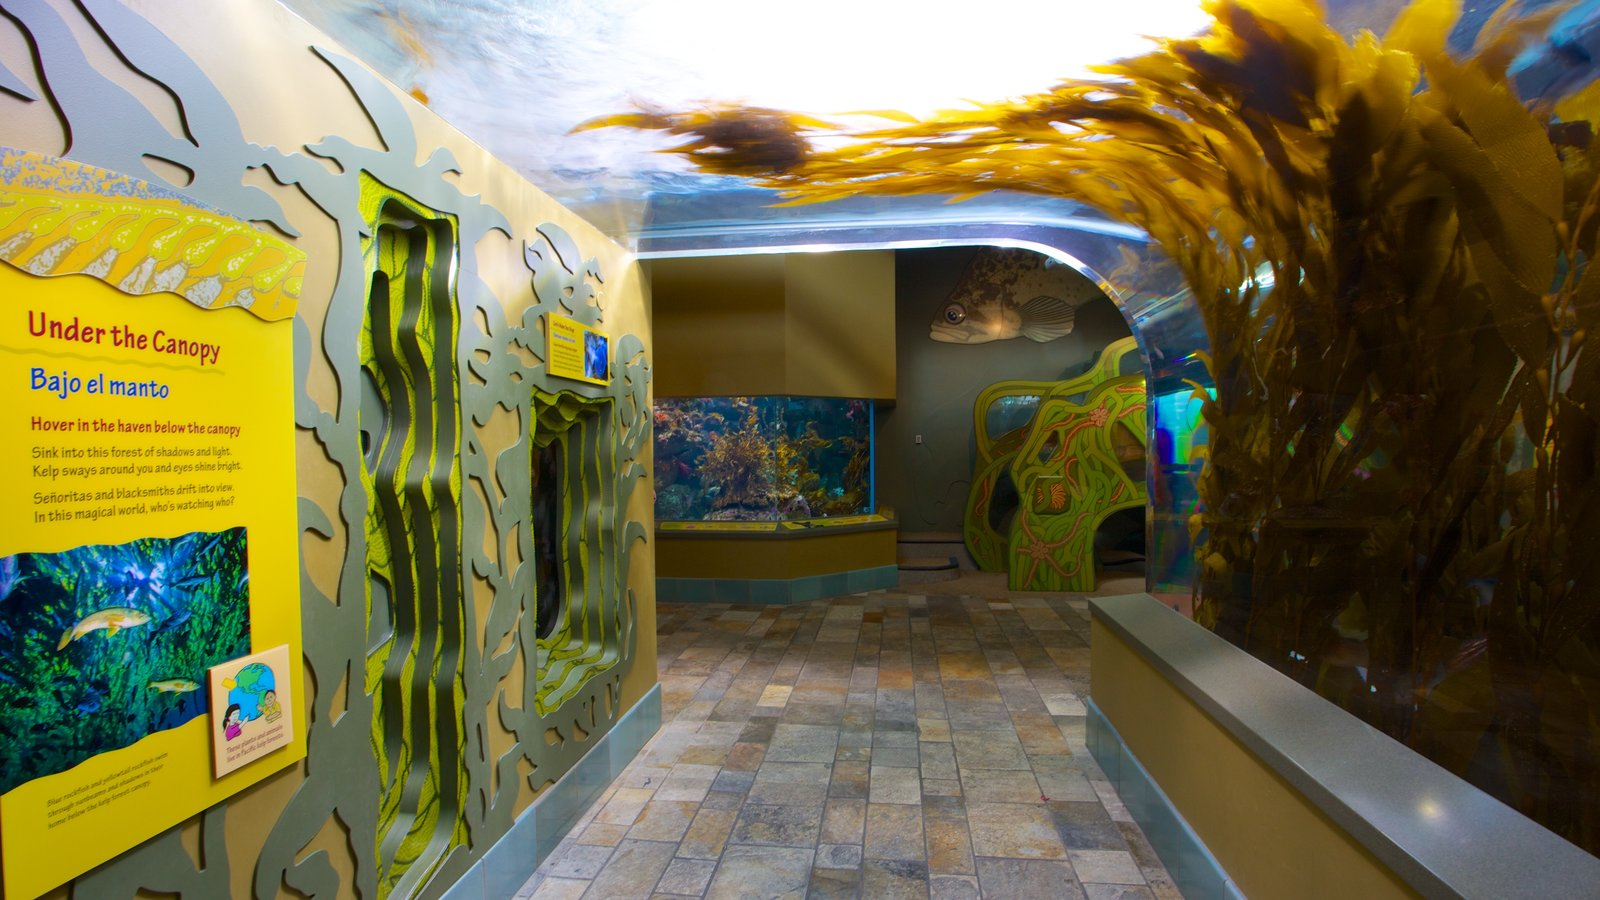 Monterey Bay Aquarium featuring interior views and marine life